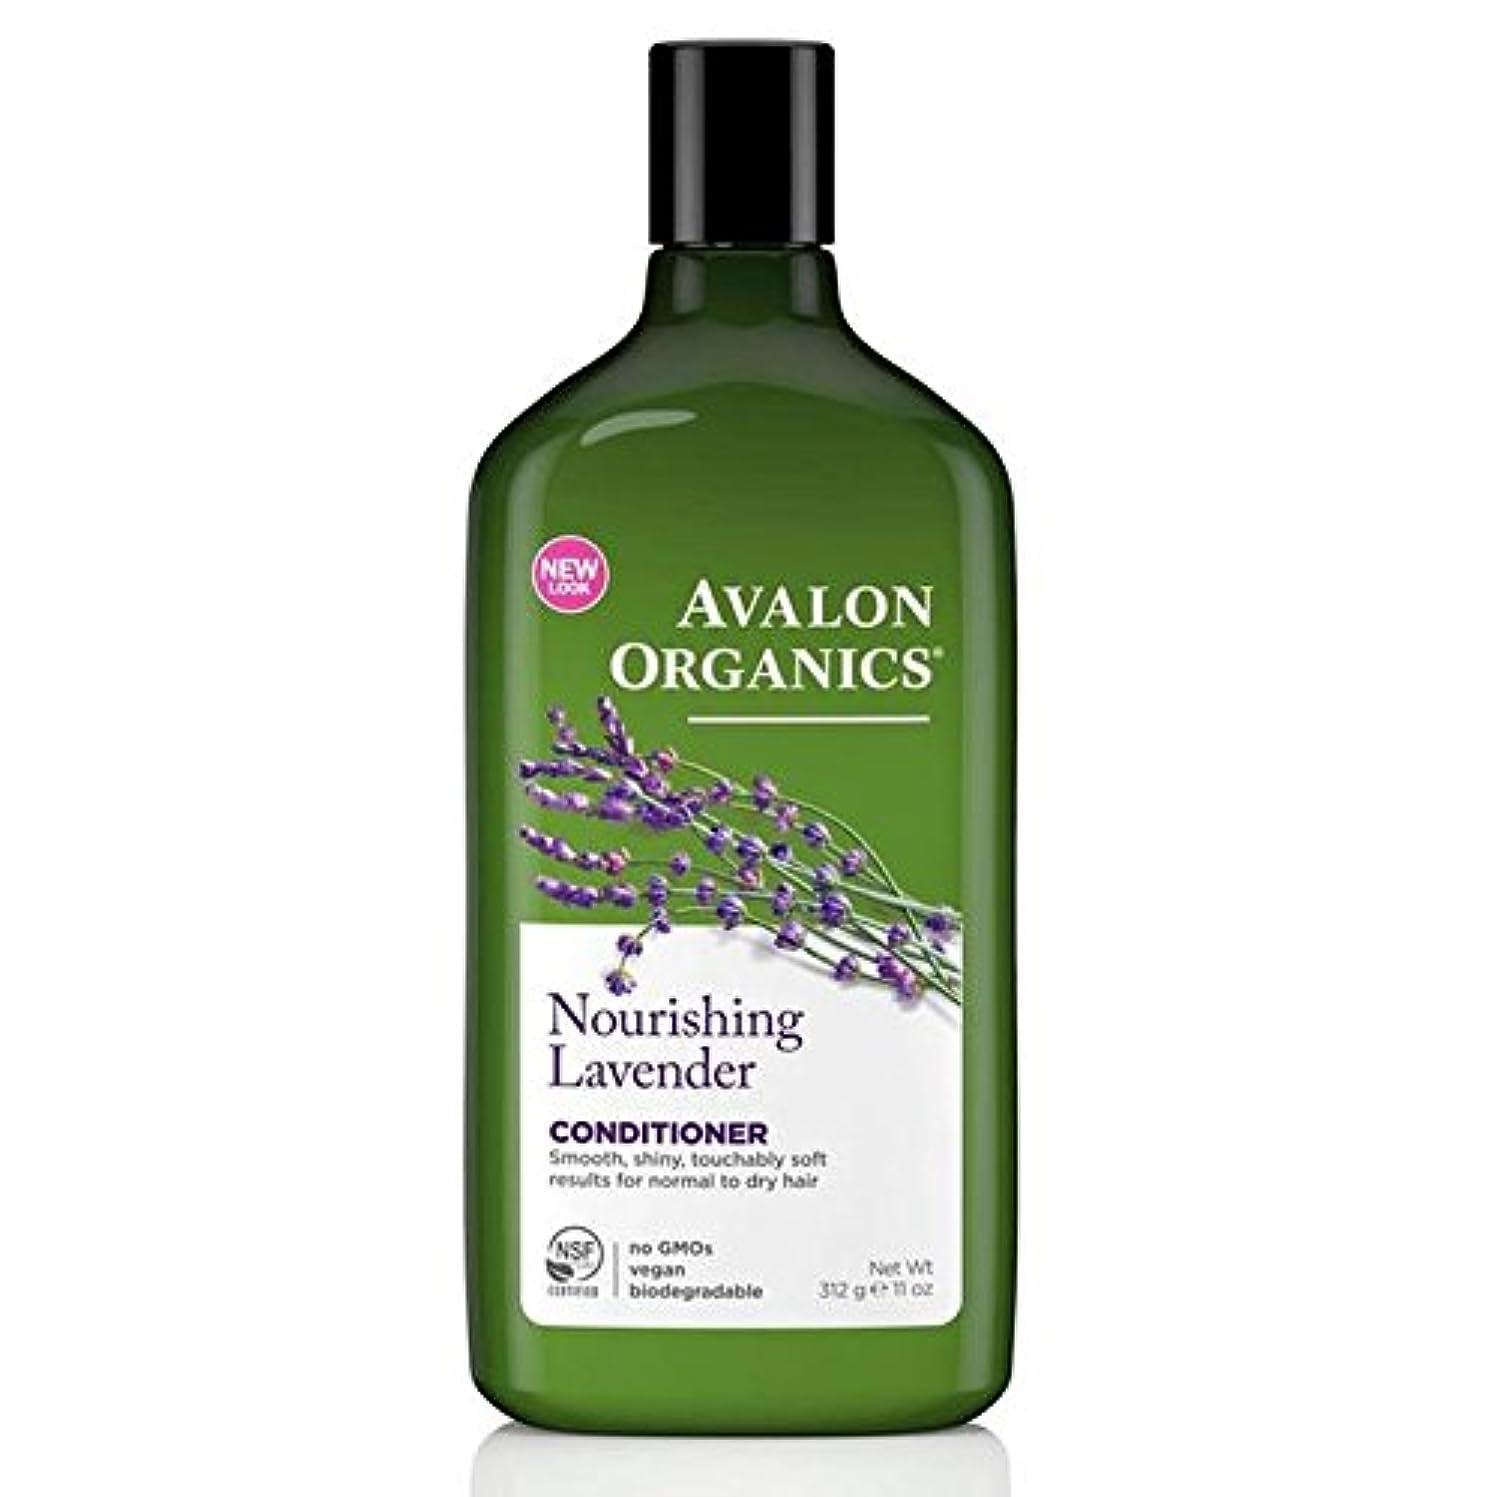 エレメンタルハミングバード乗算Avalon Organics Lavender Nourishing Conditioner 325ml - (Avalon) ラベンダー栄養コンディショナー325ミリリットル [並行輸入品]